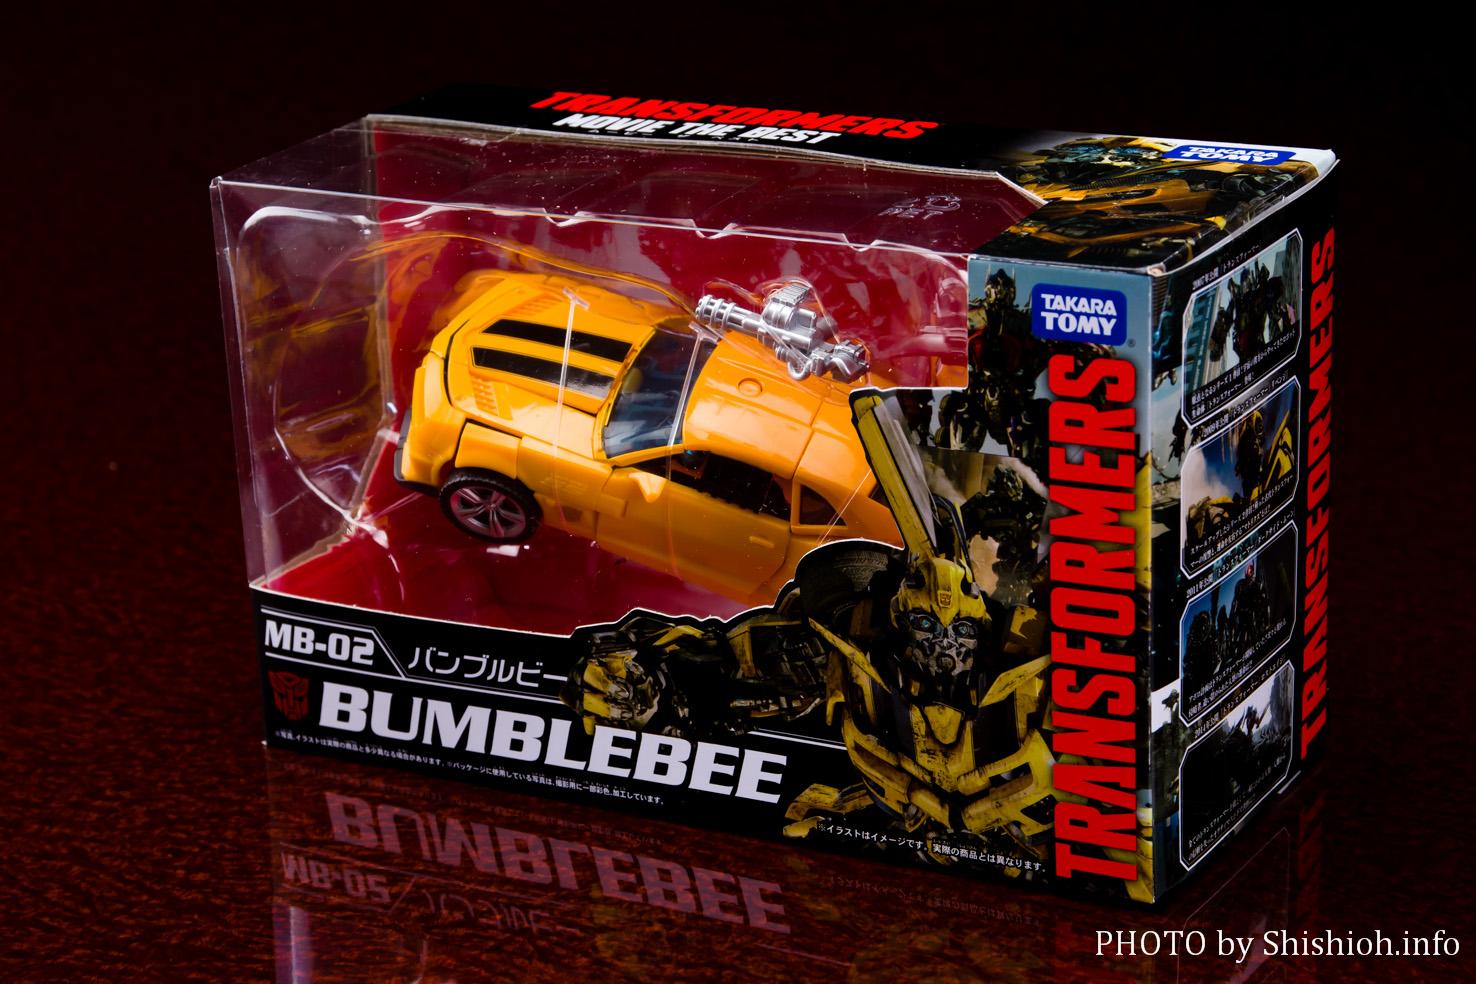 トランスフォーマー ムービー ザ ベスト MB-02 バンブルビー